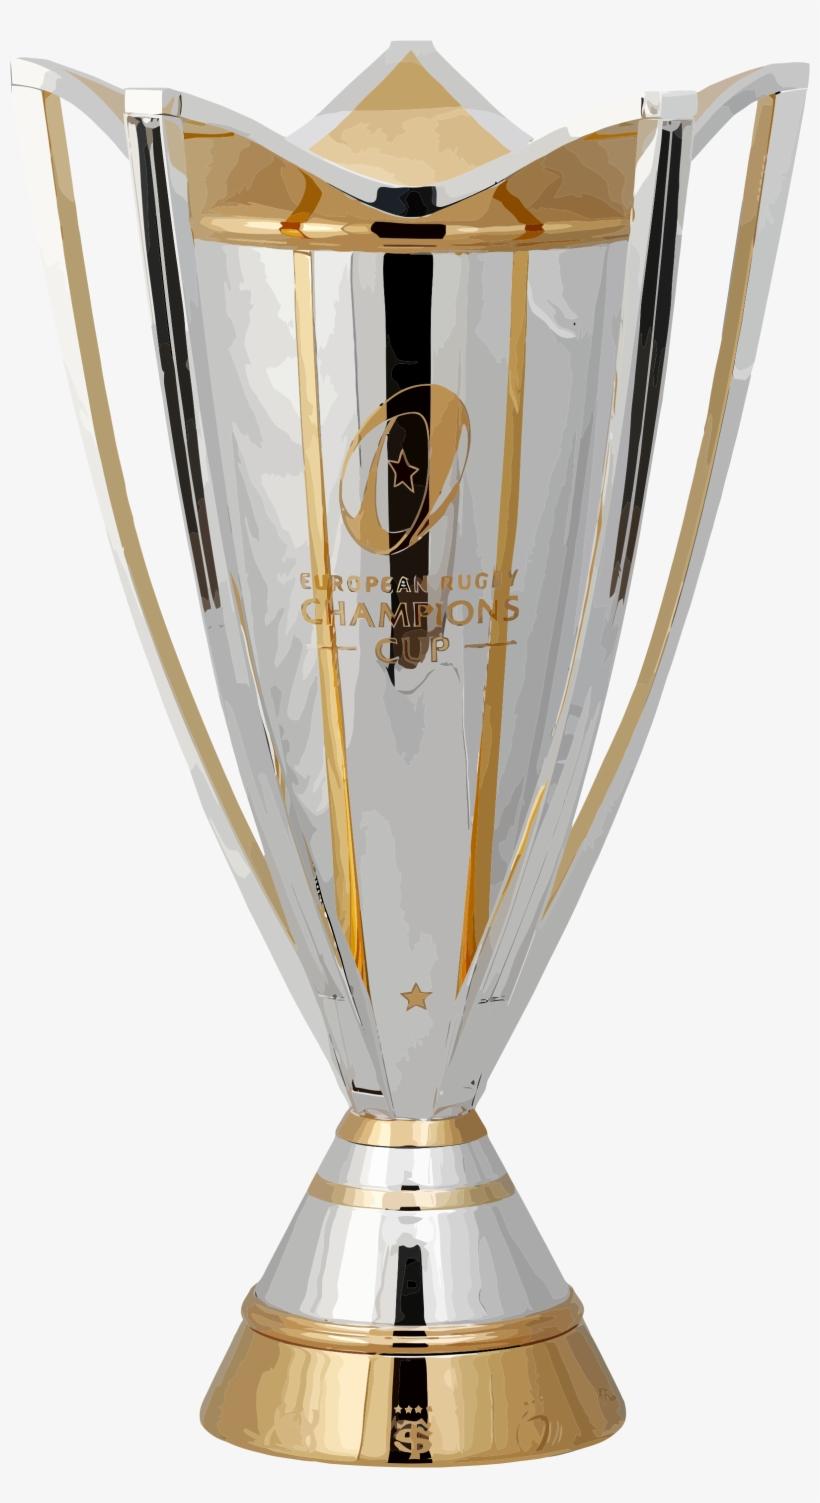 Champions League Trophy Png.